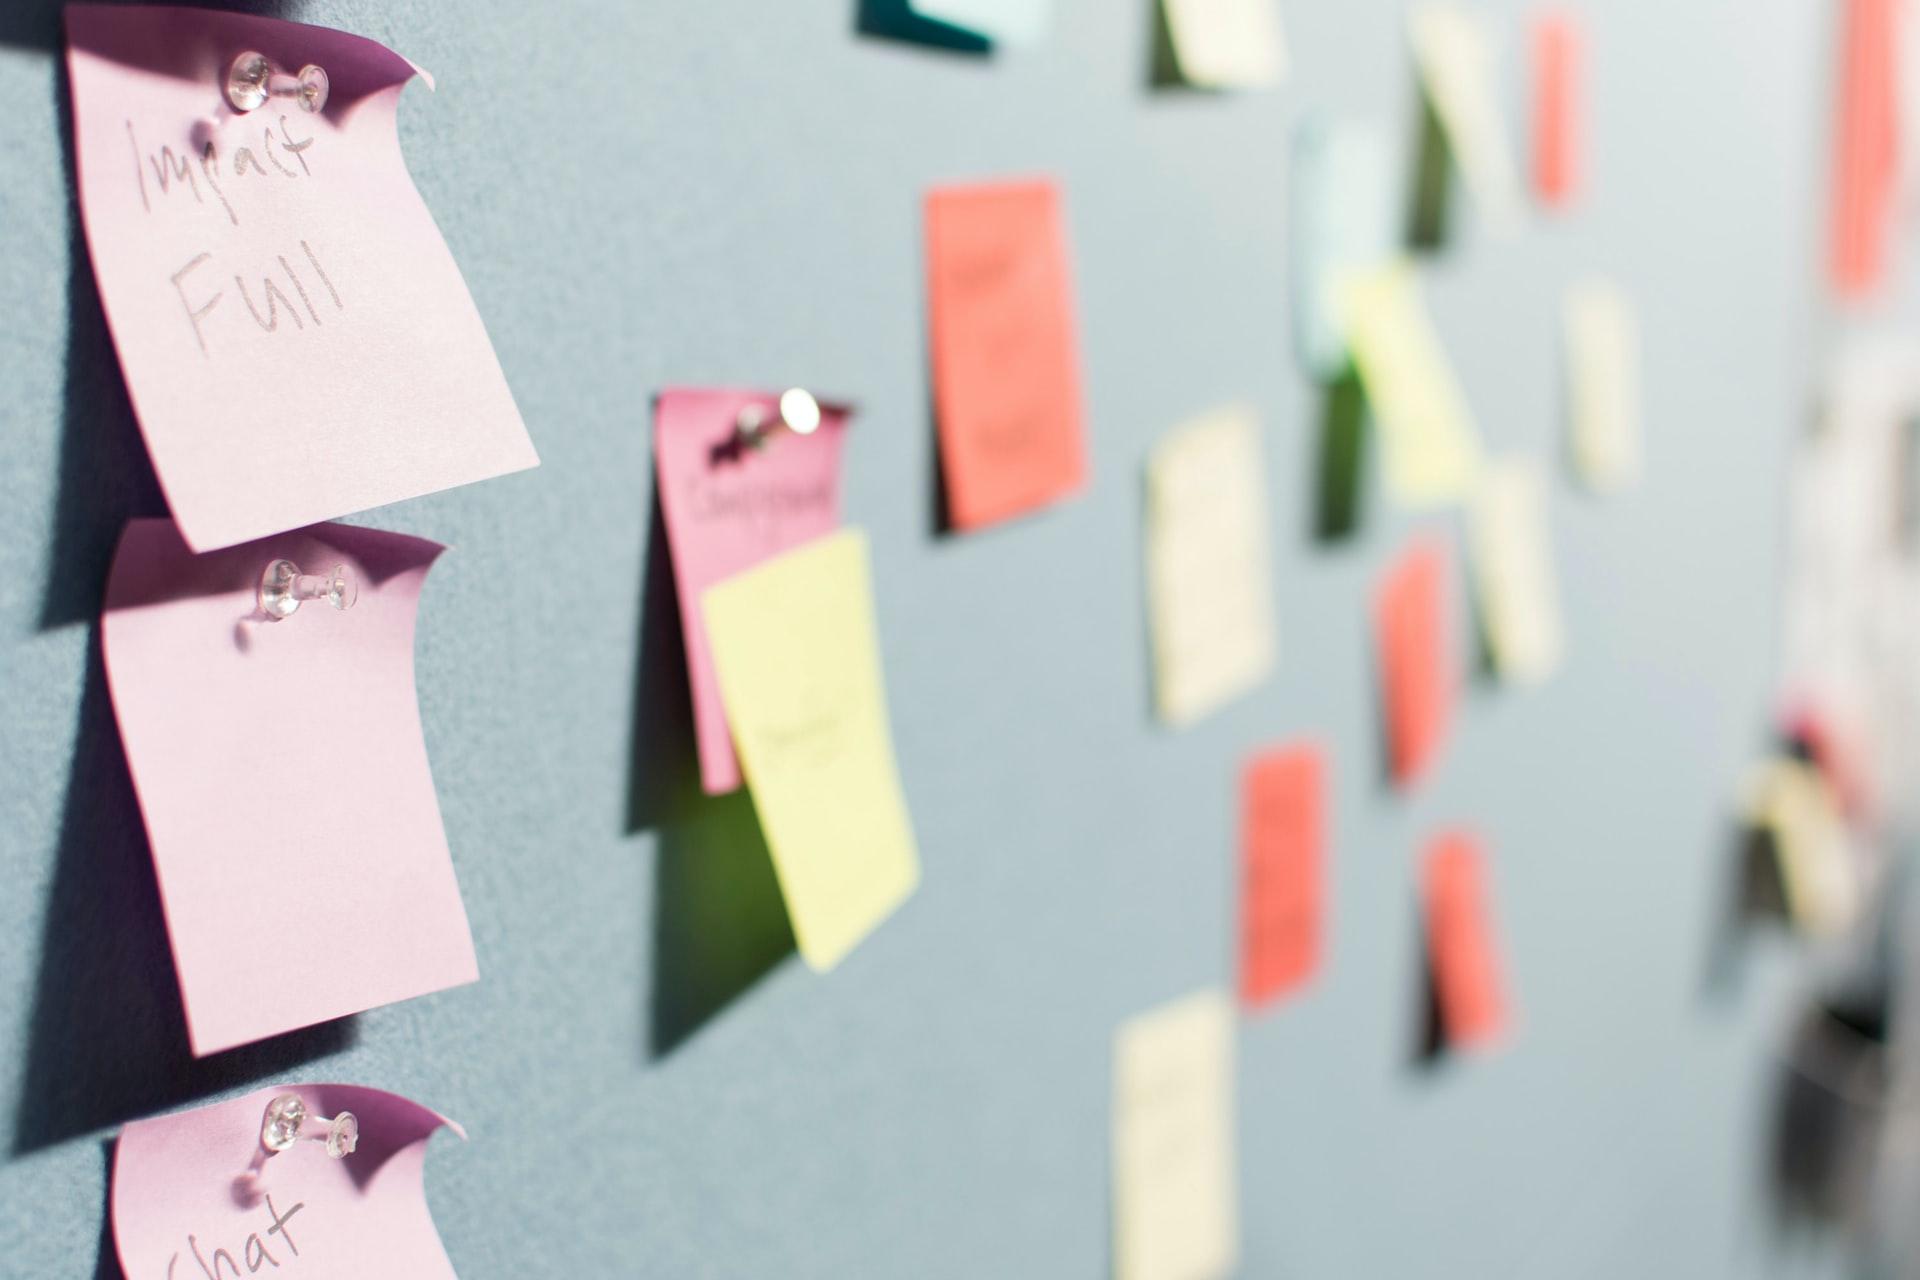 3 lý do tại sao bạn hoàn toàn cần thêm báo cáo chính thức vào chiến lược nội dung của mình